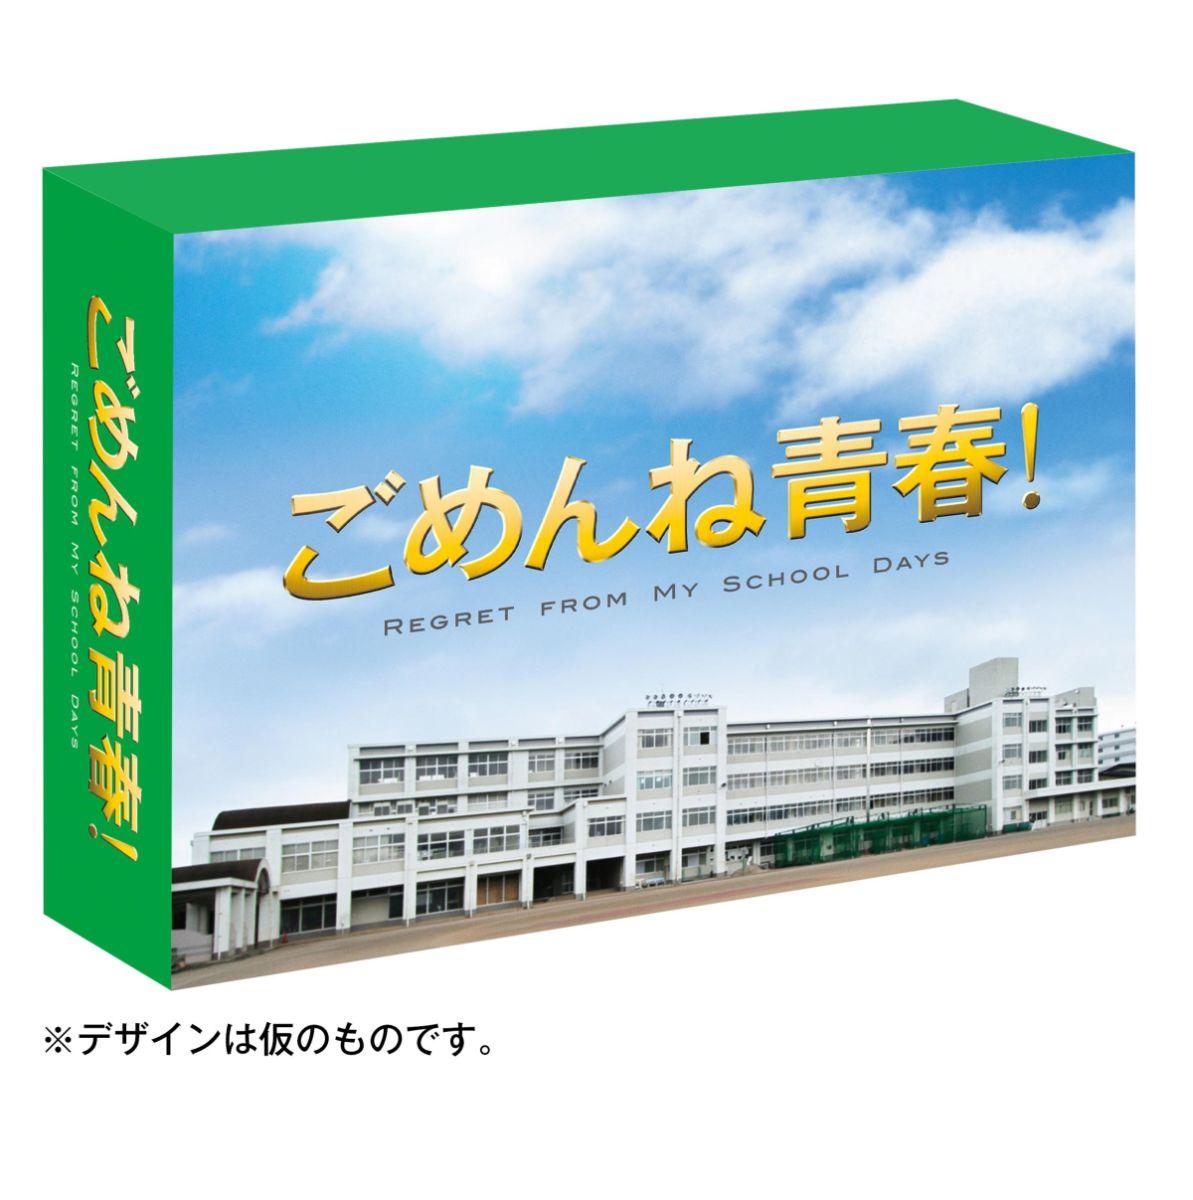 ごめんね青春!Blu-ray BOX 【Blu-ray】画像